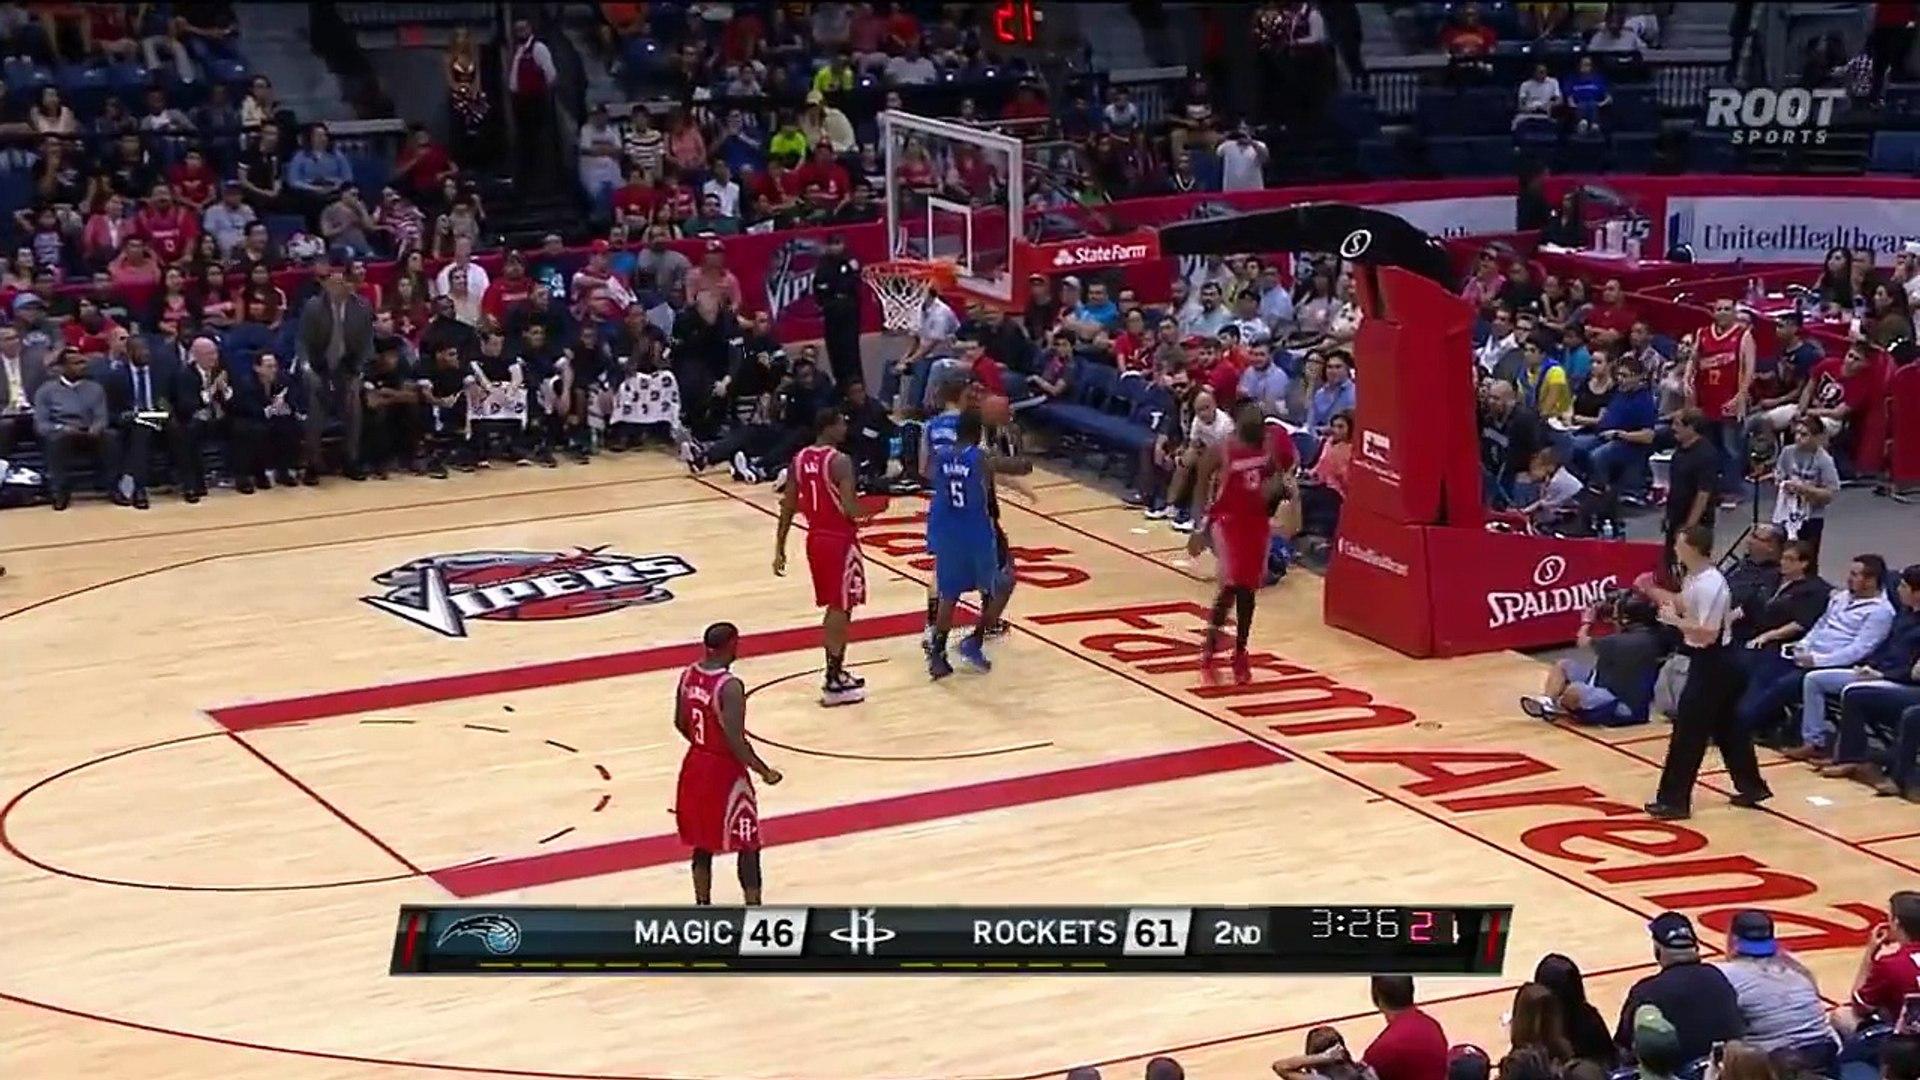 Orlando Magic vs Houston Rockets